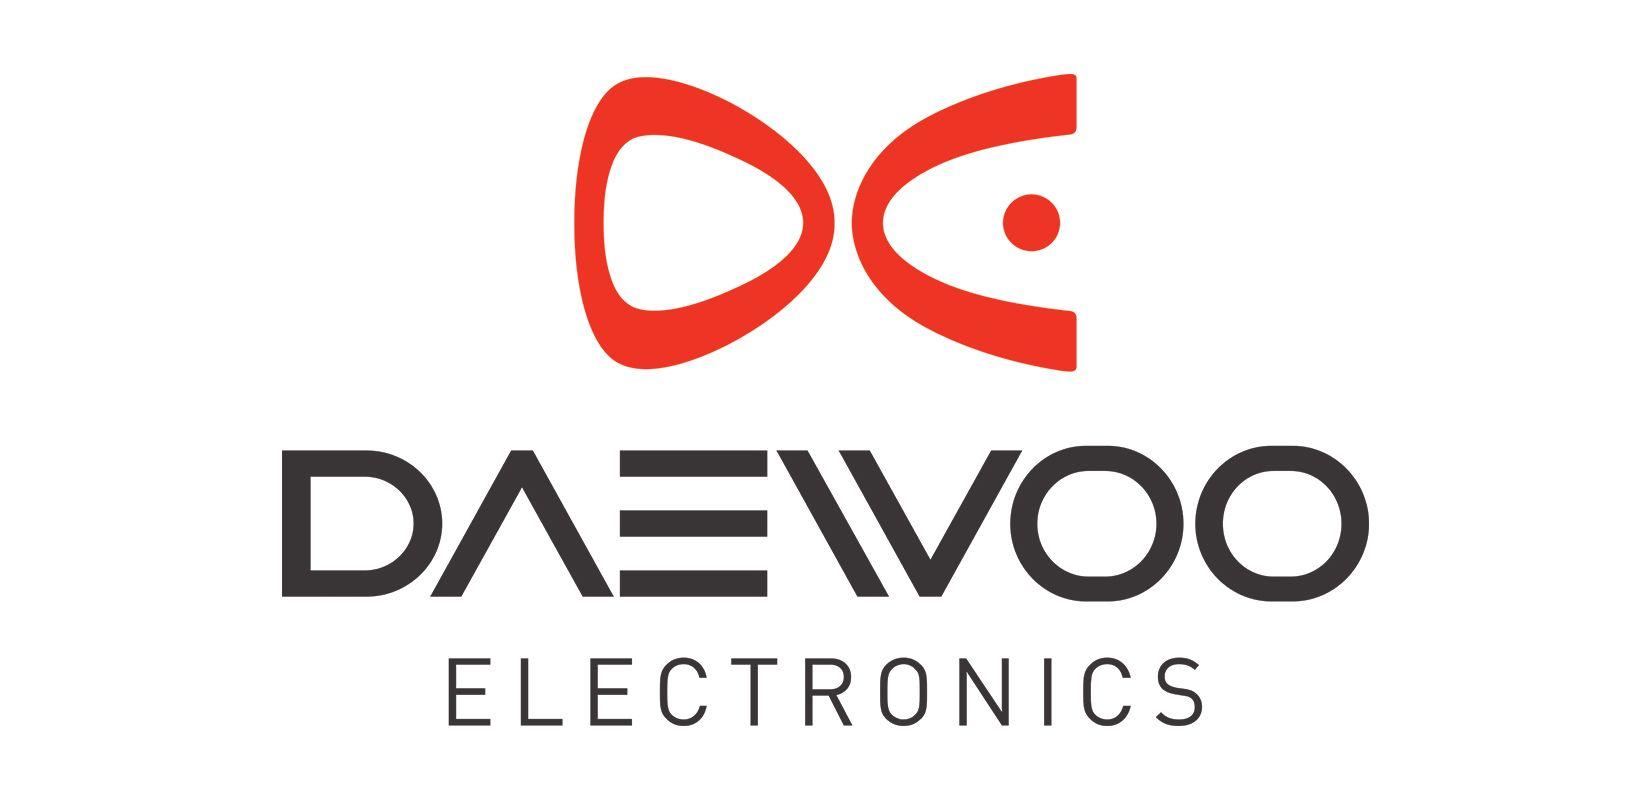 Daewoo Repairs - Washing Machine, Dishwasher, Oven, Cooker, Fridge